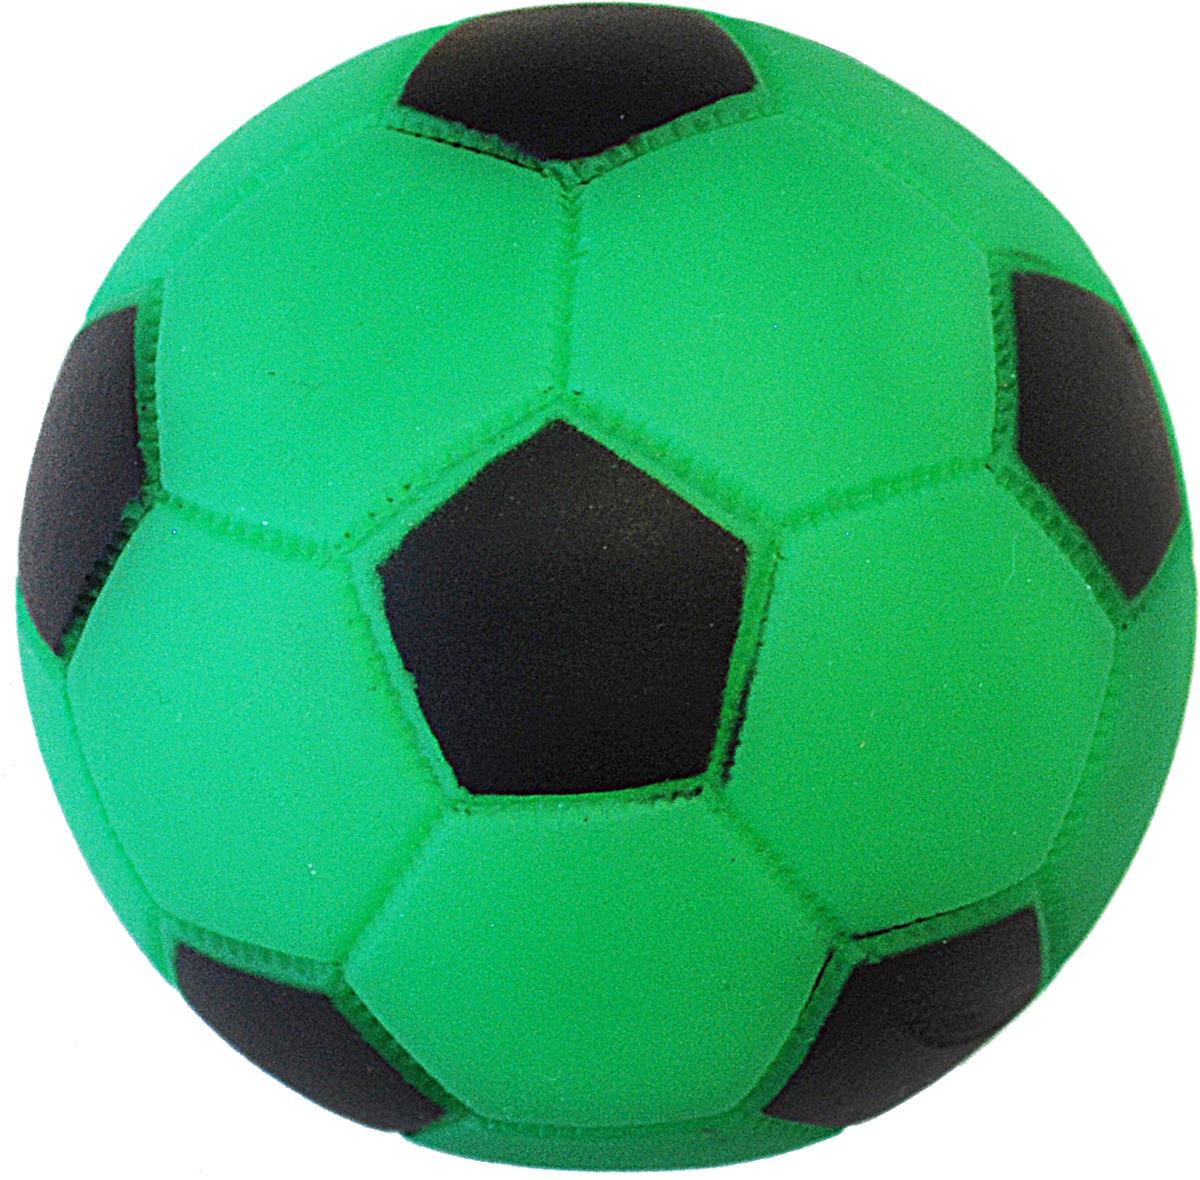 Игрушка для собак Уют Мяч футбольный, 7 см игрушка для собак уют мяч футбольный цвет белый черный 7 см